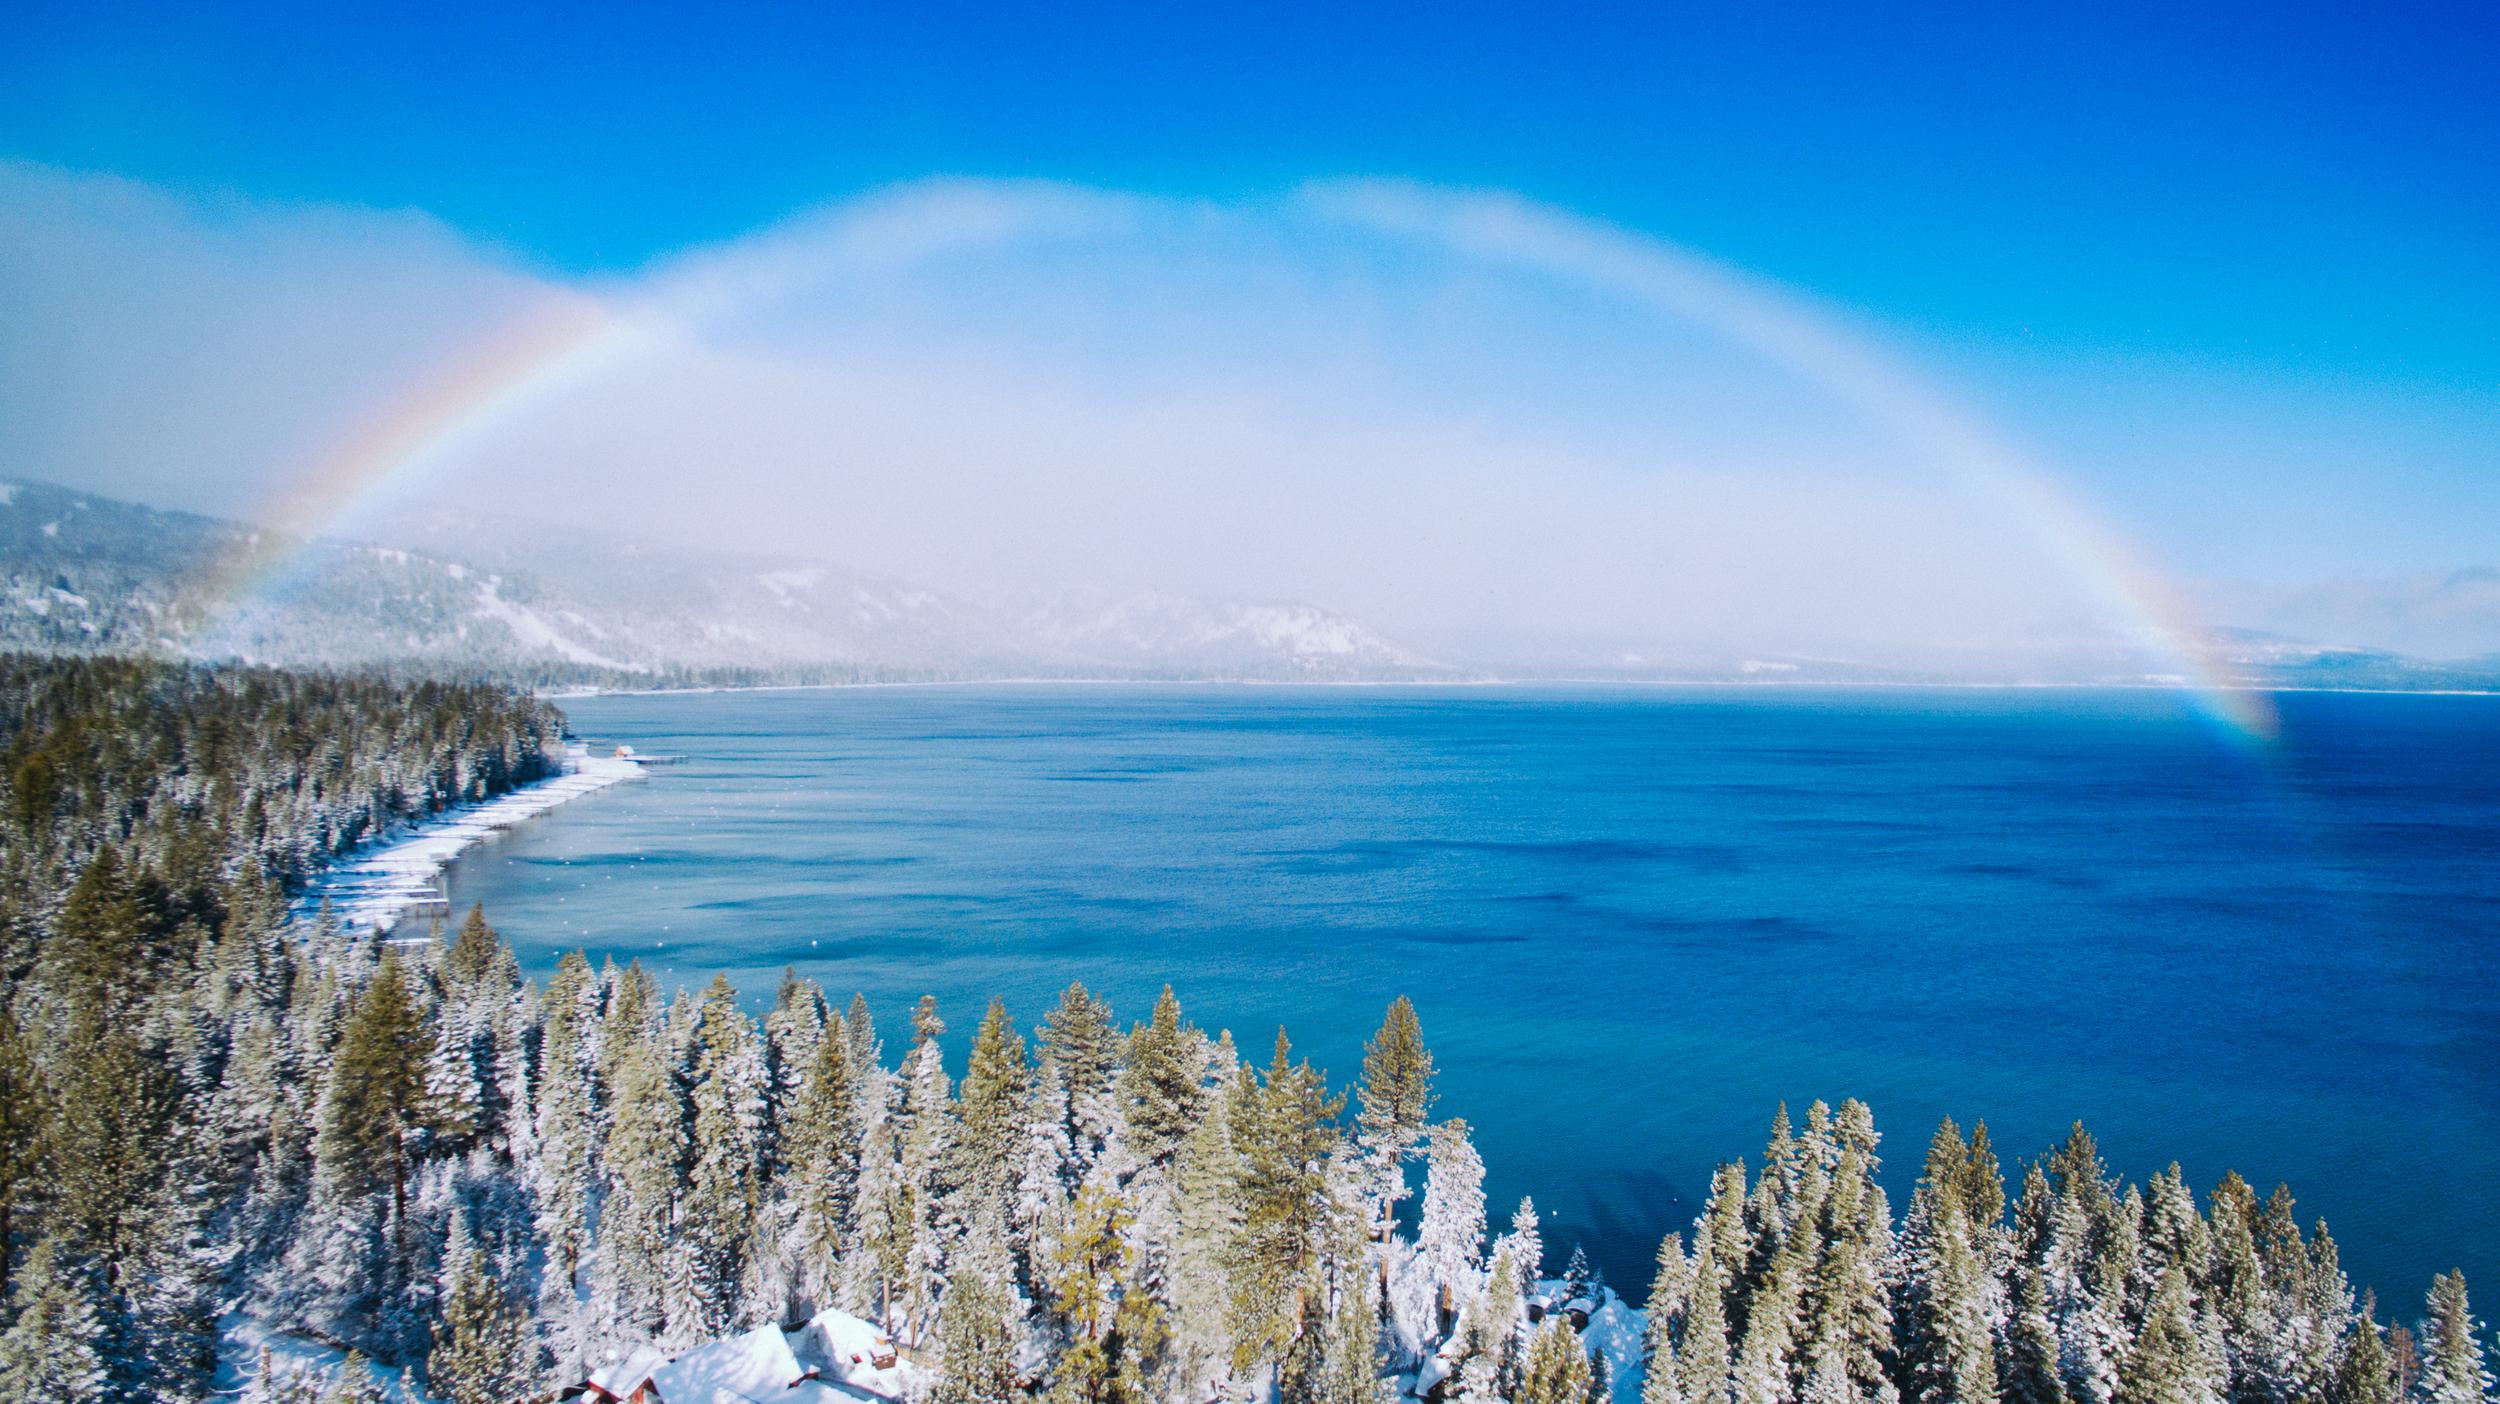 tahoe.jpg